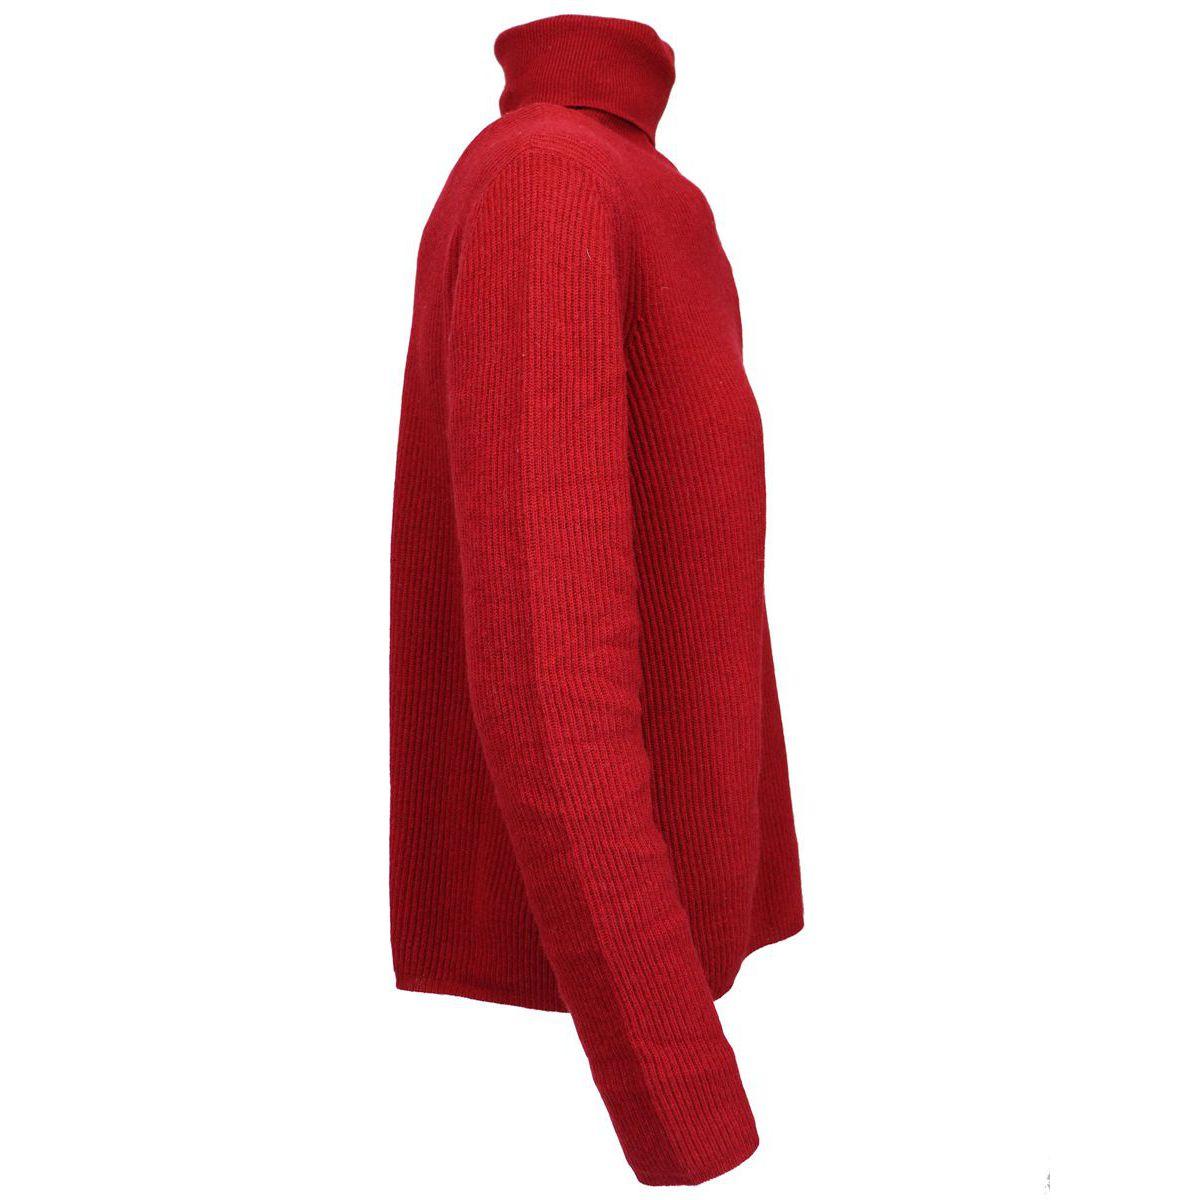 NABUCCO cashmere blend turtleneck Red Max Mara